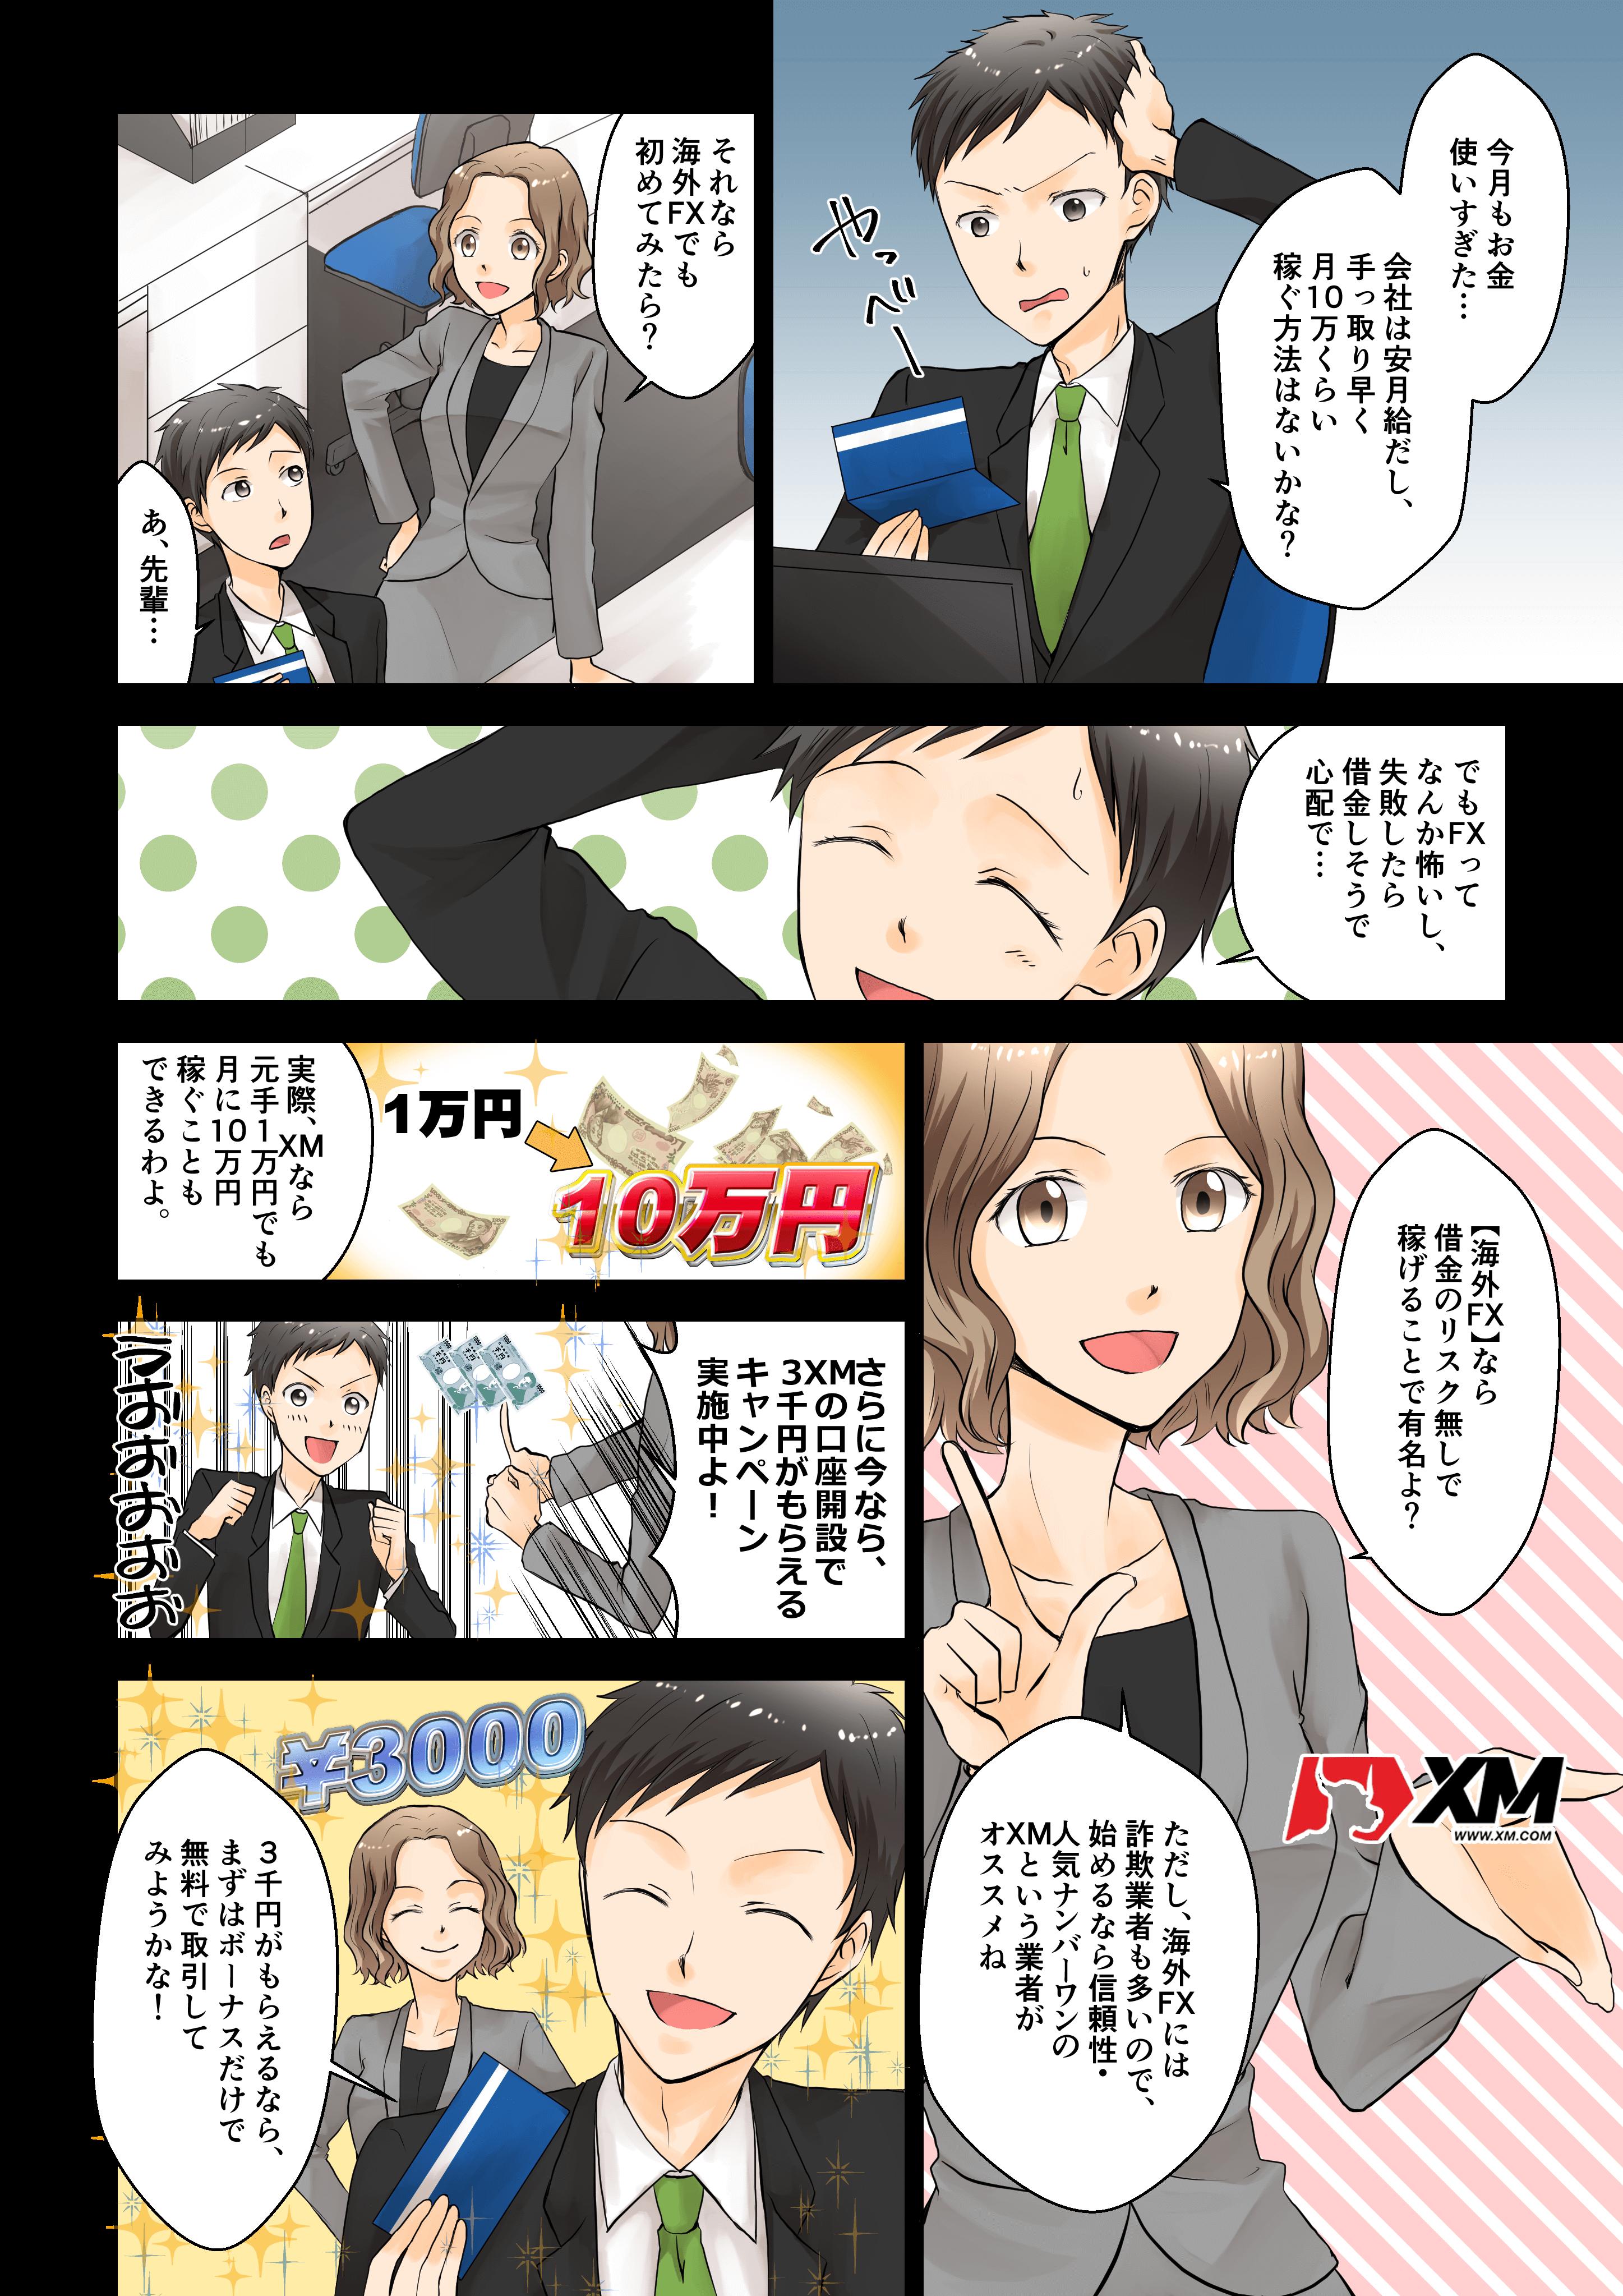 XM ボーナスキャンペーン お得